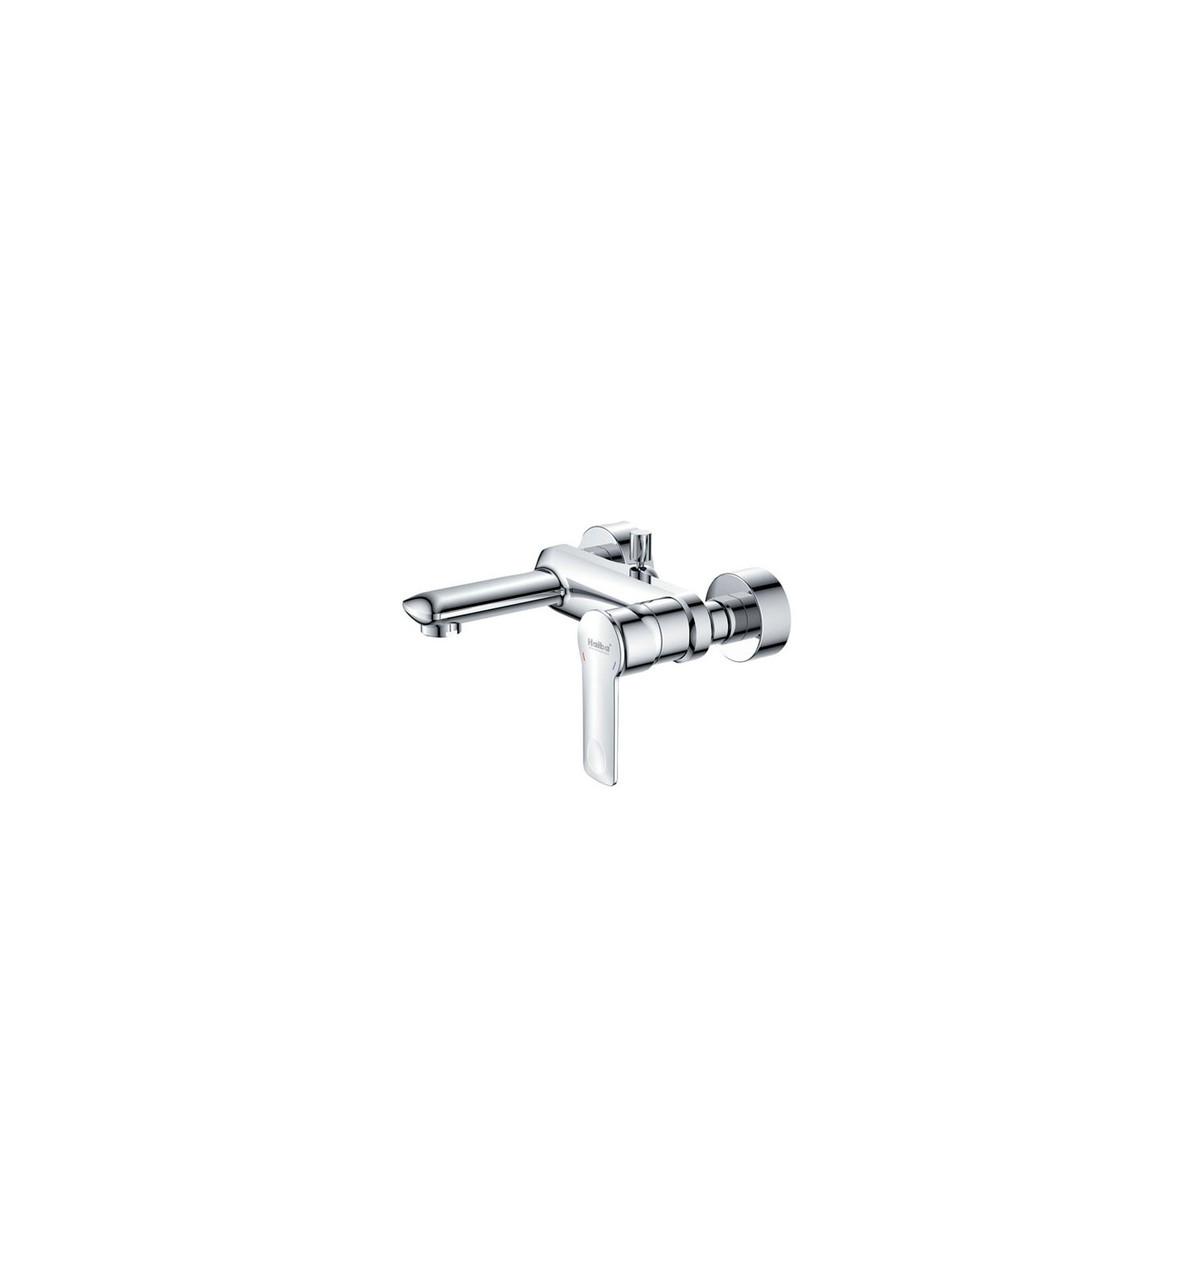 Змішувач для ванни з коротким виливом LTR FELINI 009